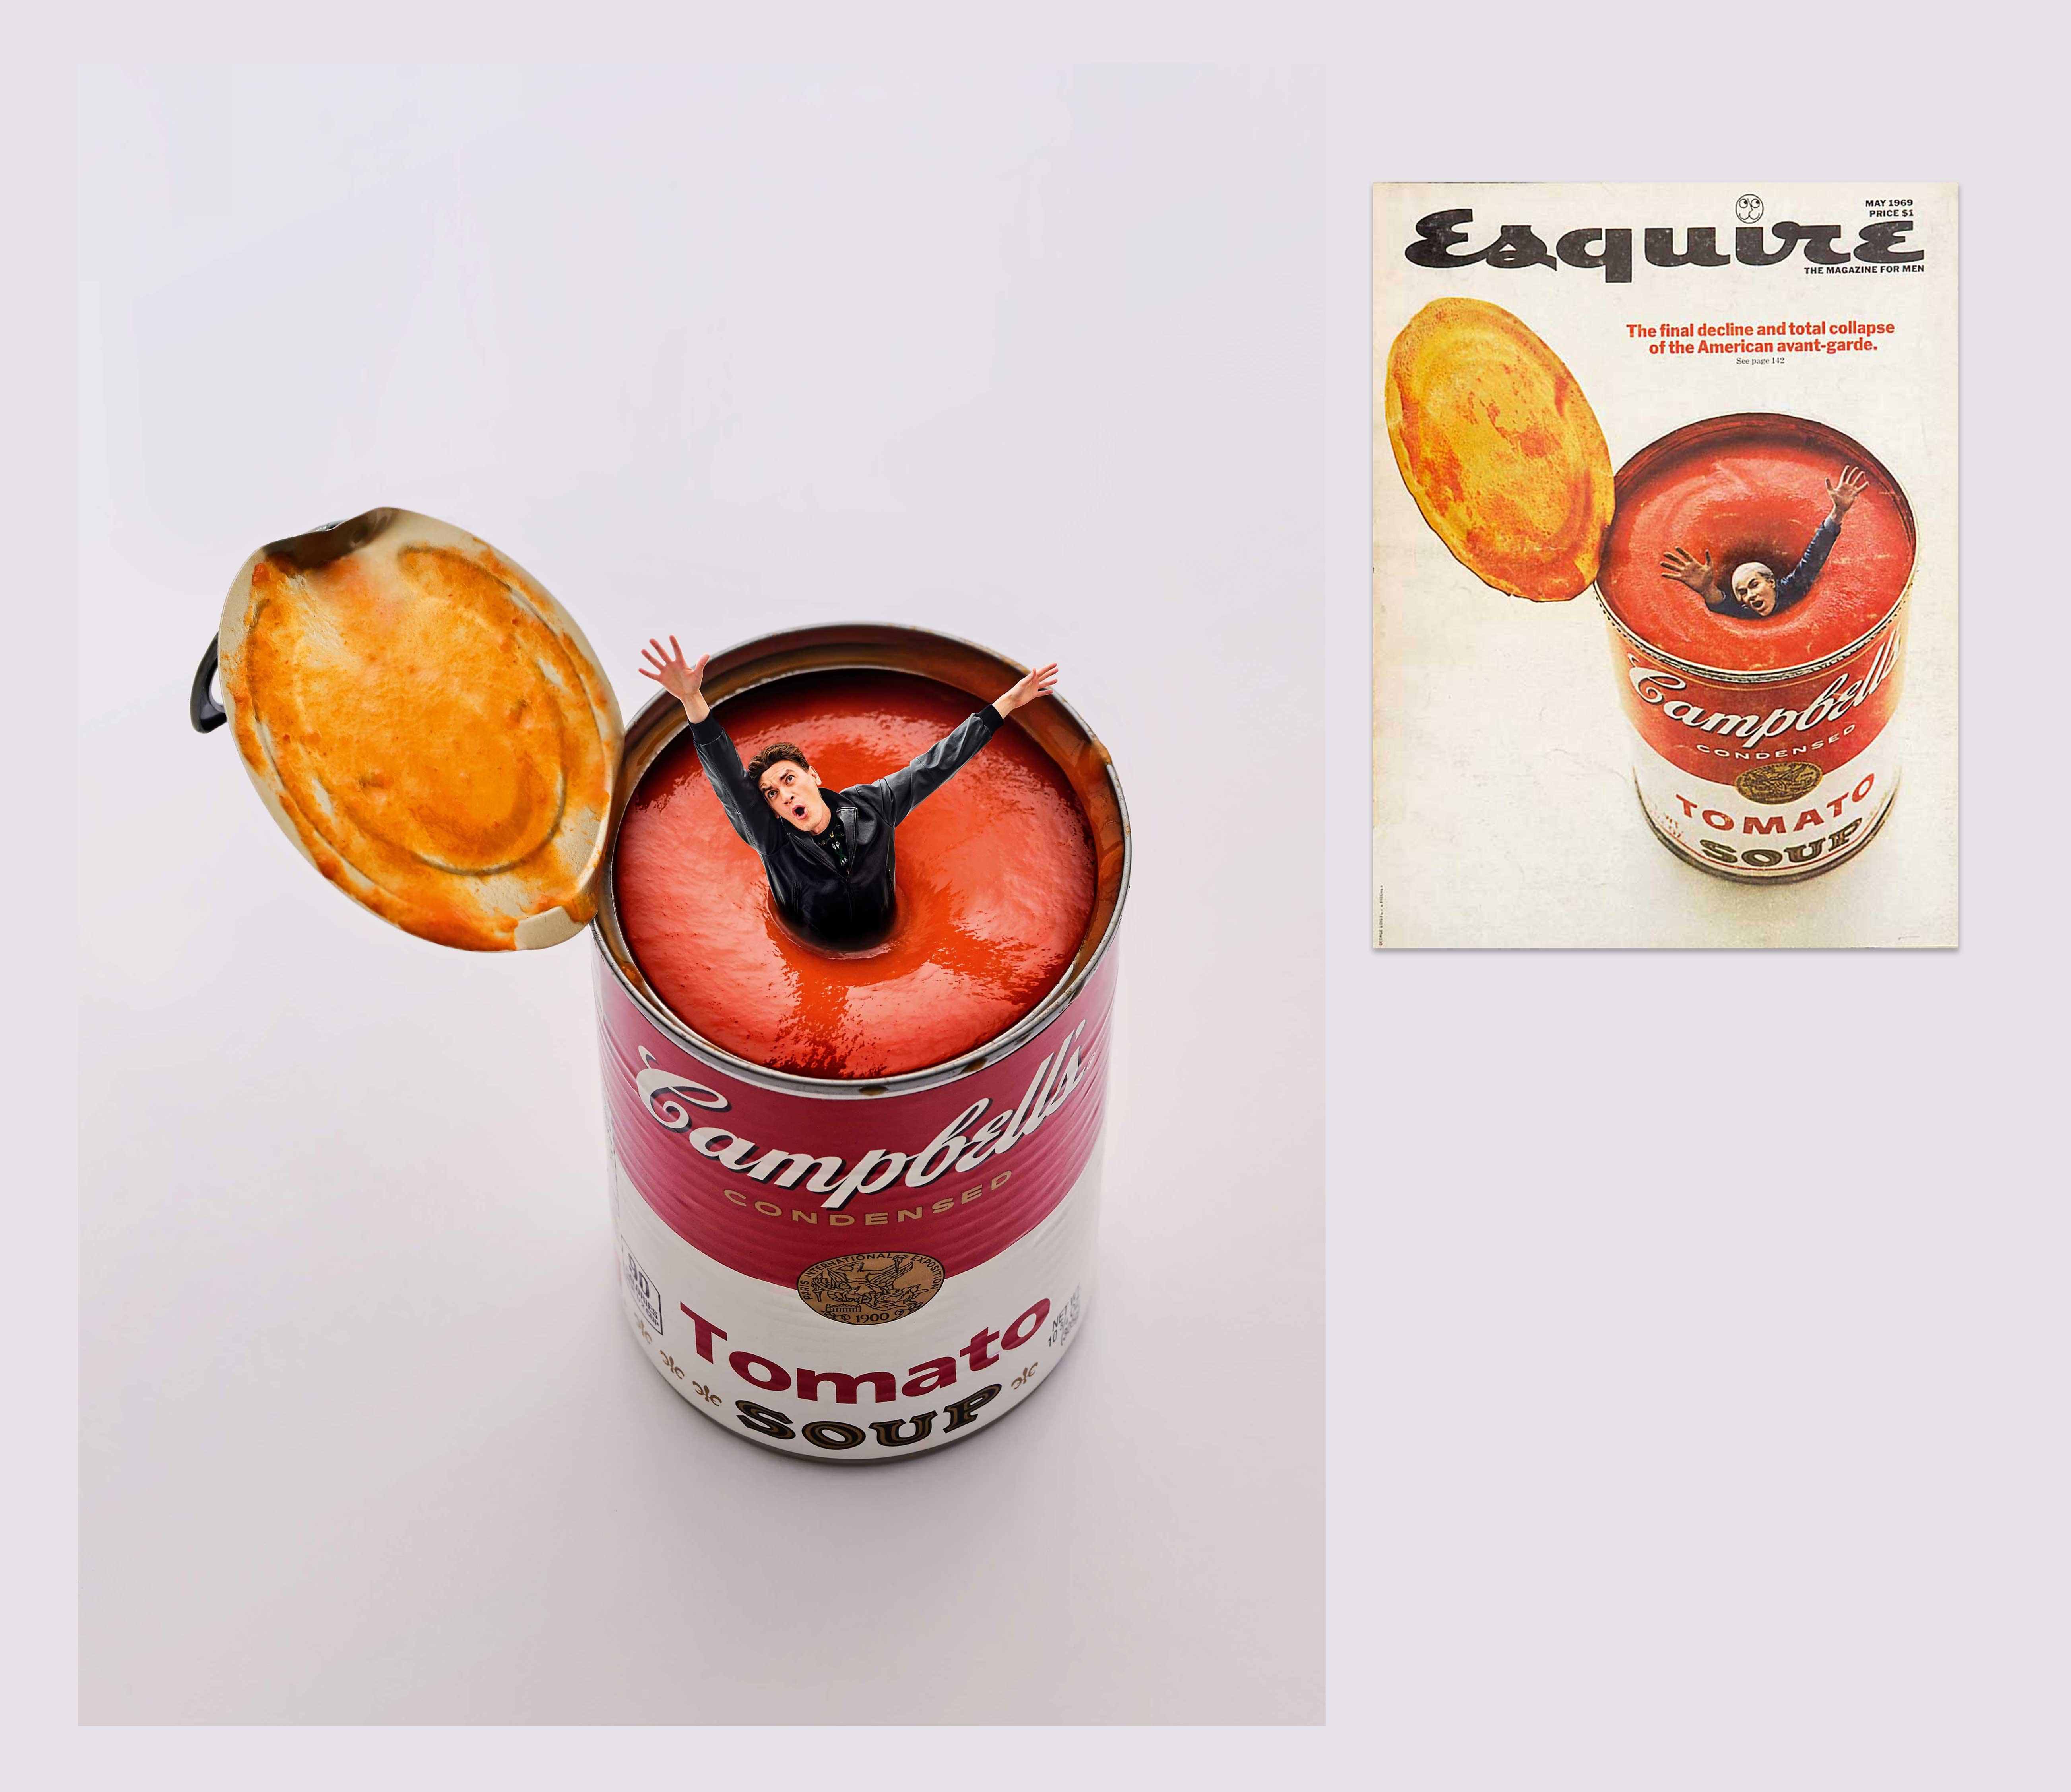 1969 год Энди Уорхол тонет вбанке ссупом Campbell наобложке майского номера, посвященного американскому авангарду.